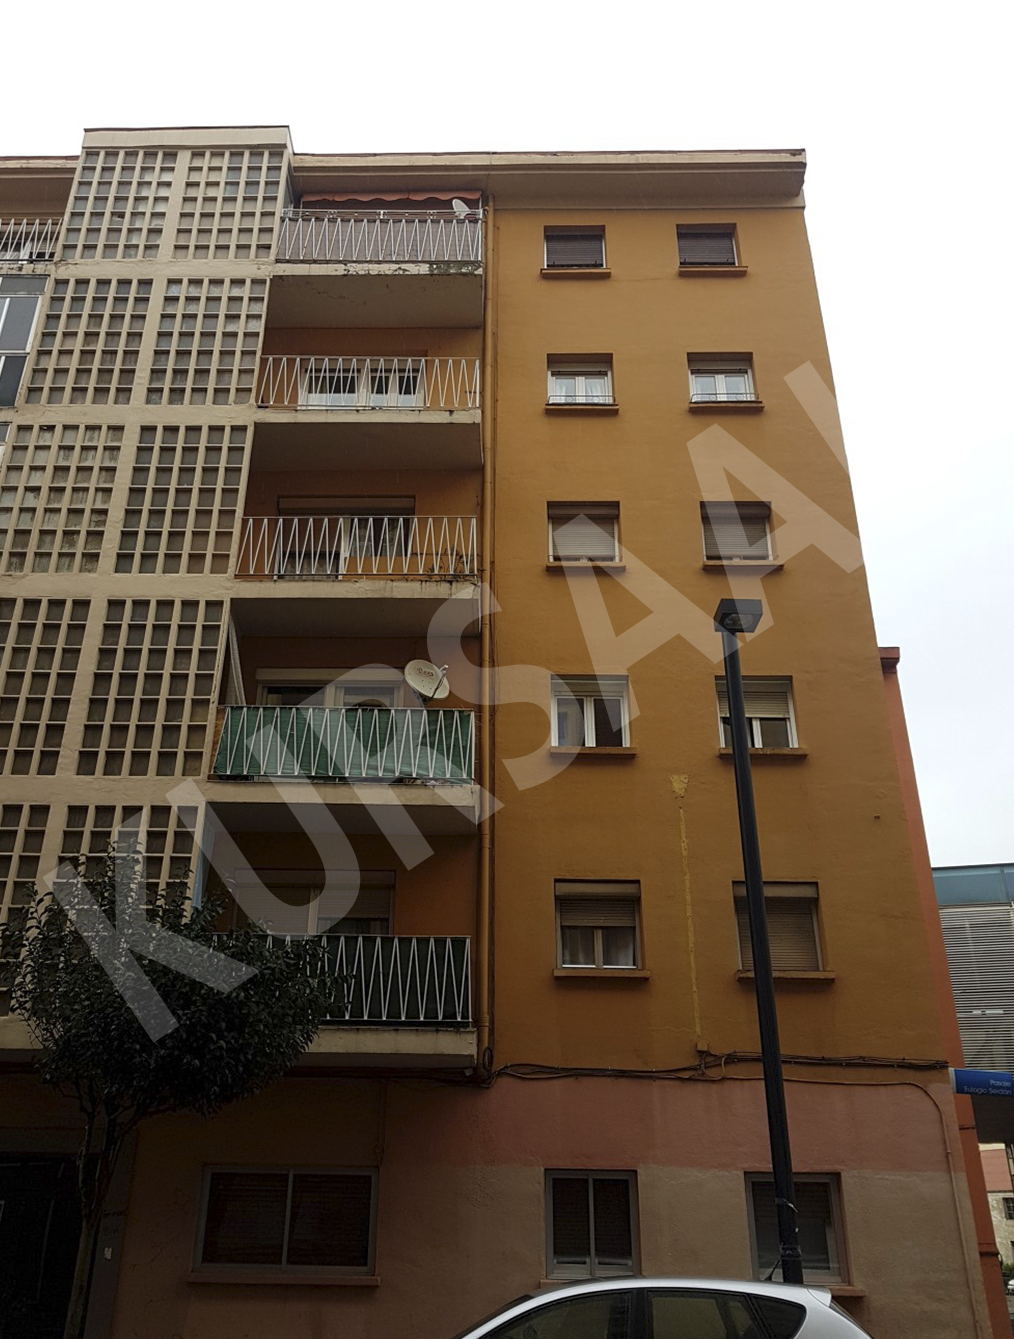 foto 1 - Aislamientos Térmicos y Eficiencia Energética-Eulogio Serdán-Vitoria